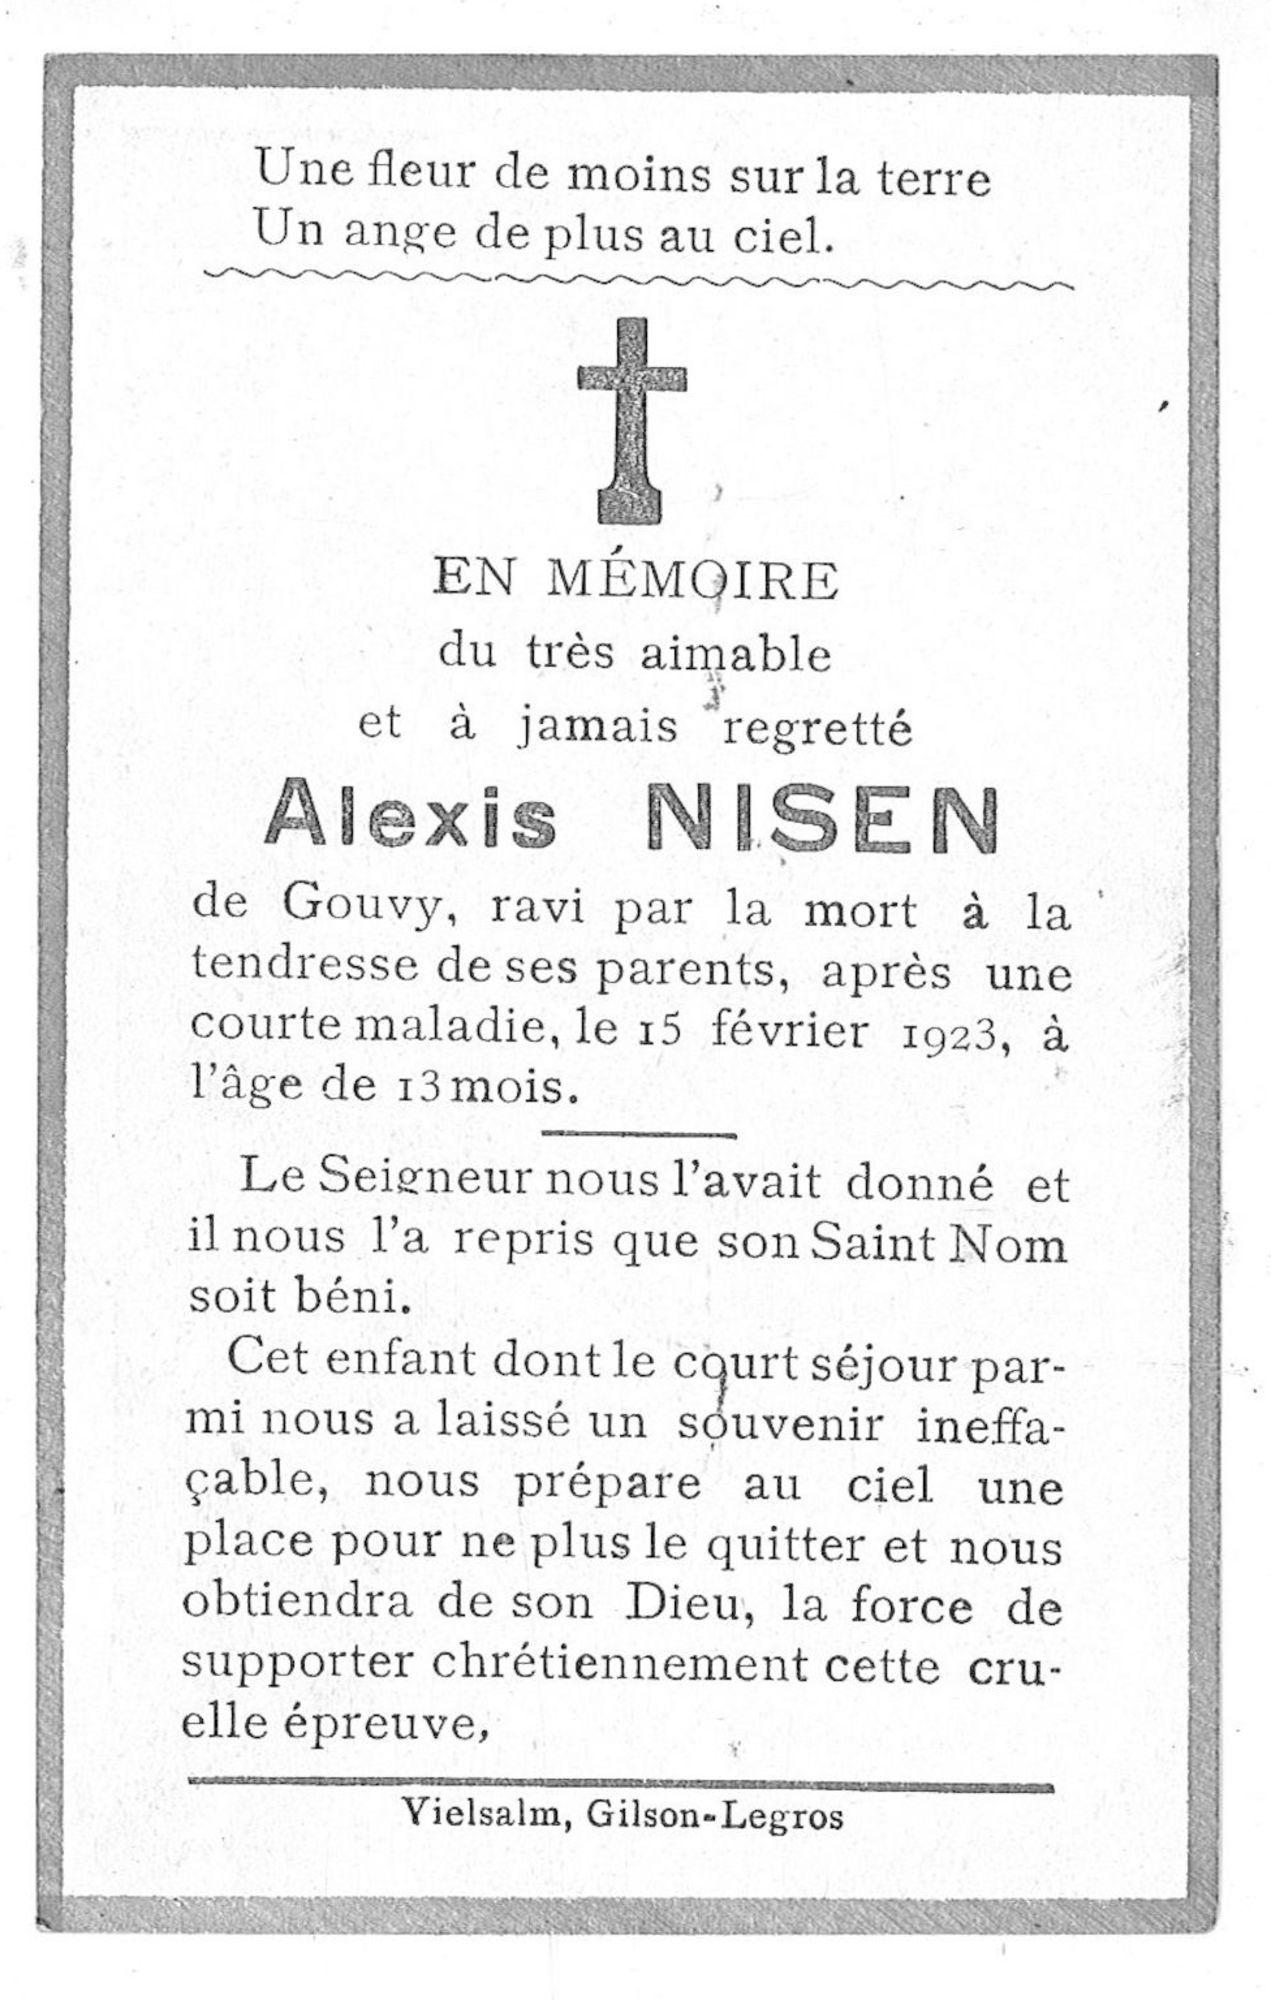 Alexis Nisen